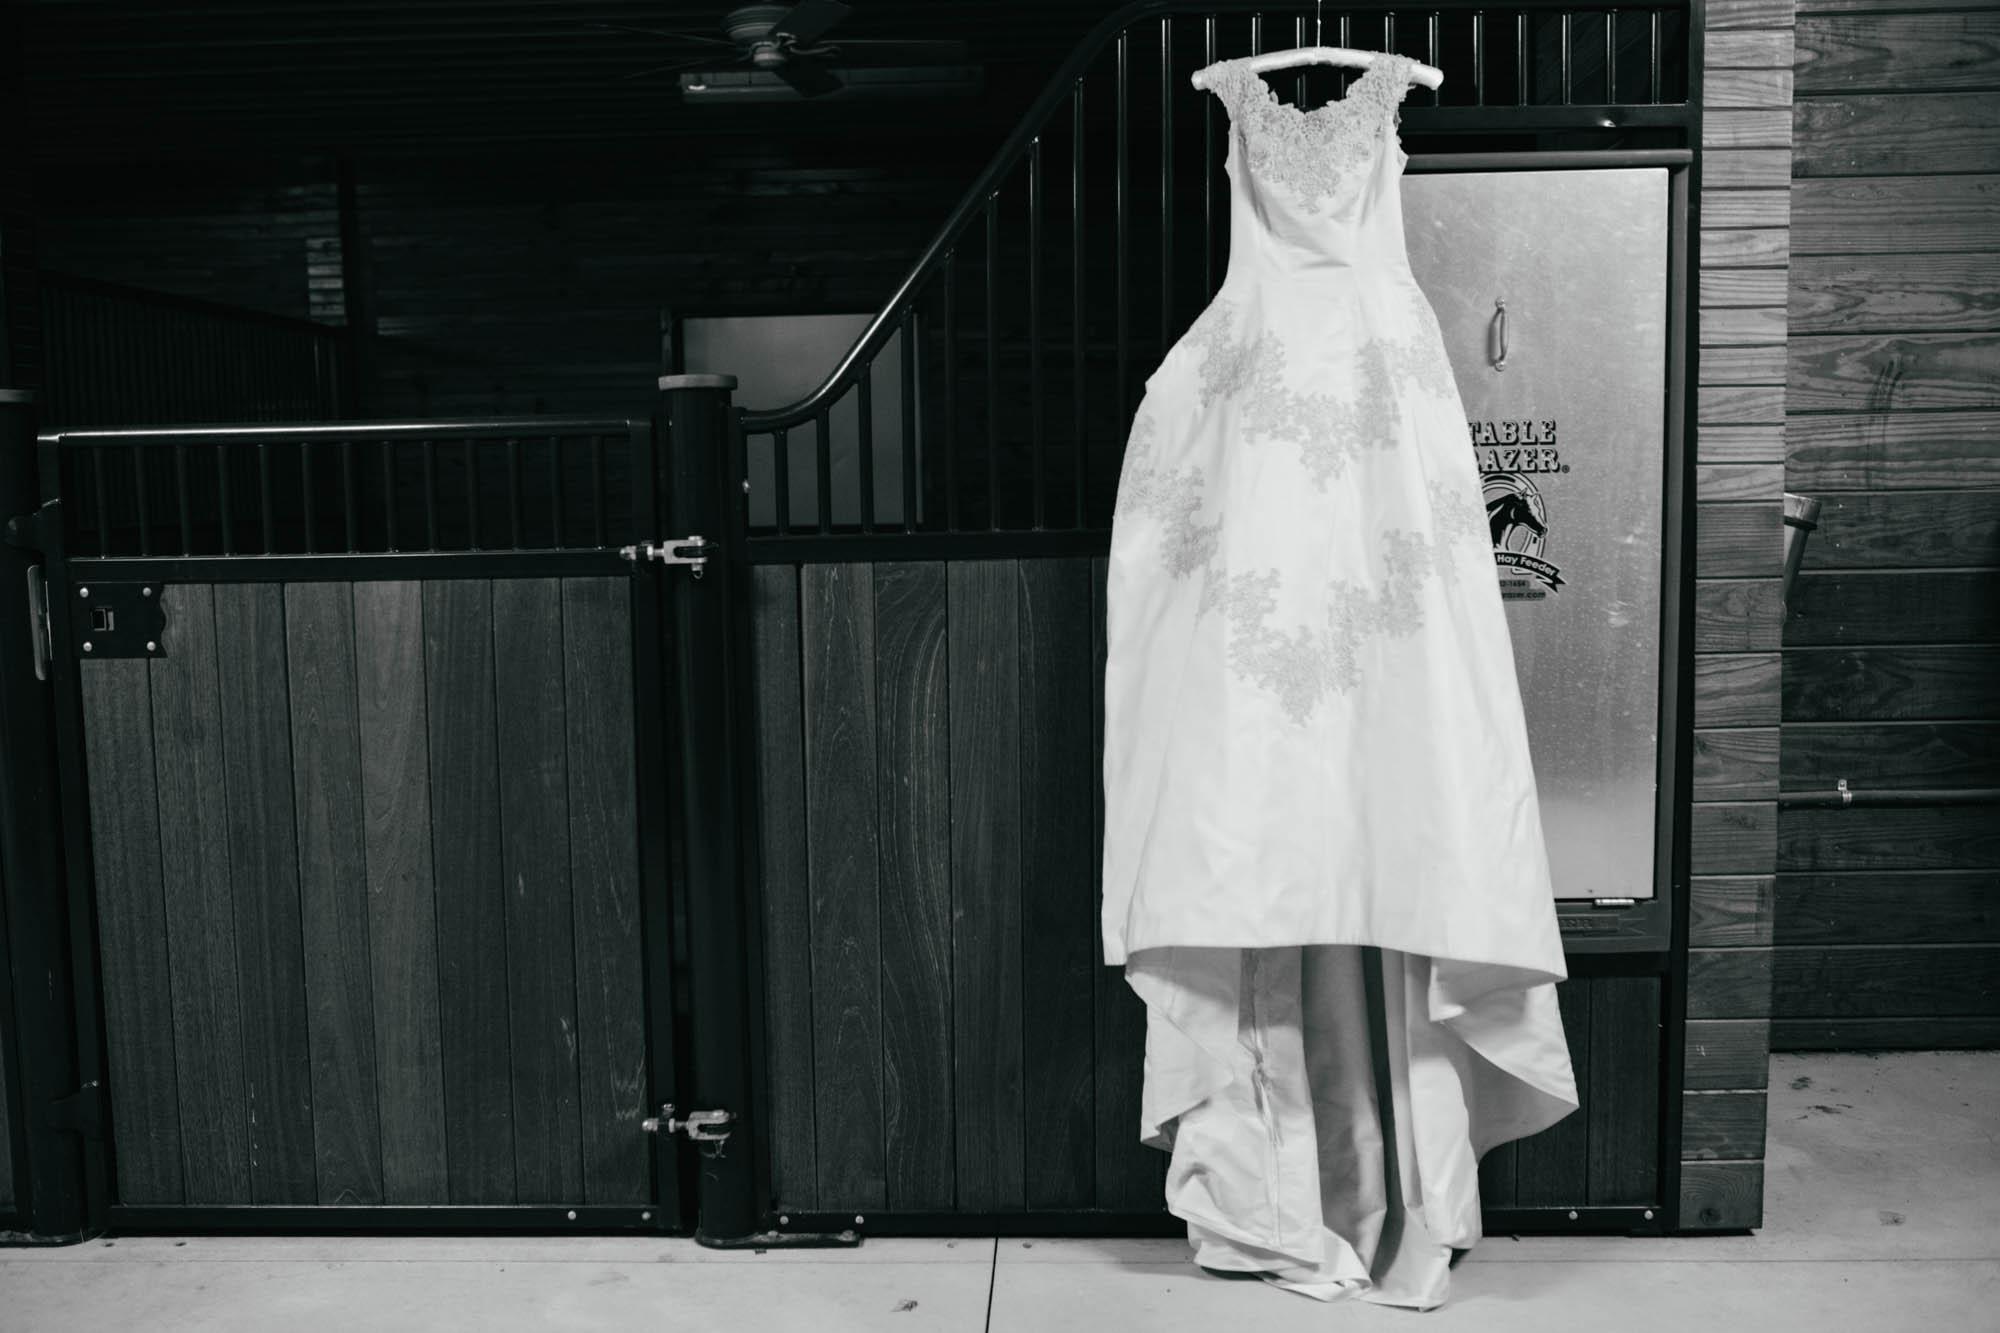 kentuckybarnwedding-2.jpg